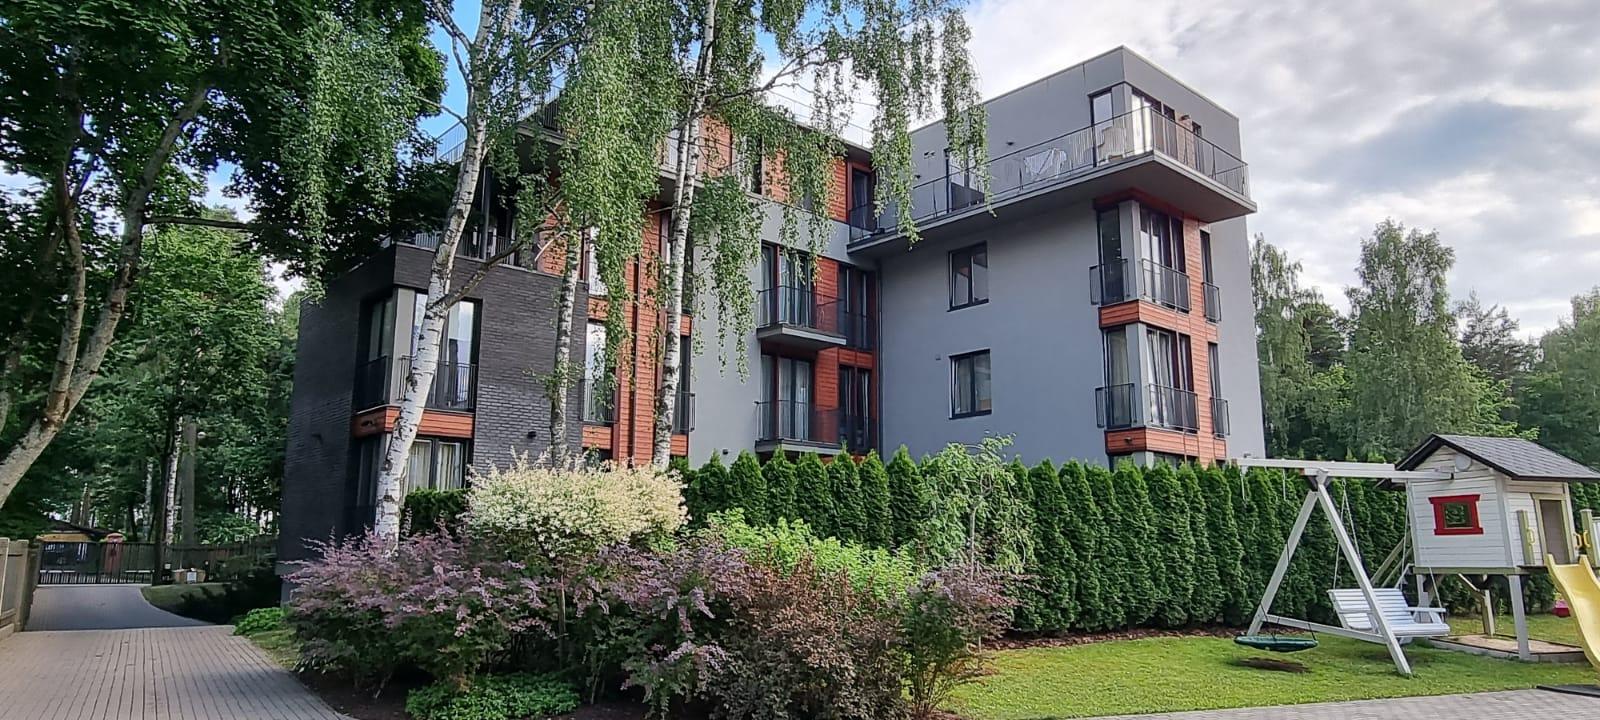 На долгий срок сдается уютная 4-комнатная квартира, Jurmala, Lielupe